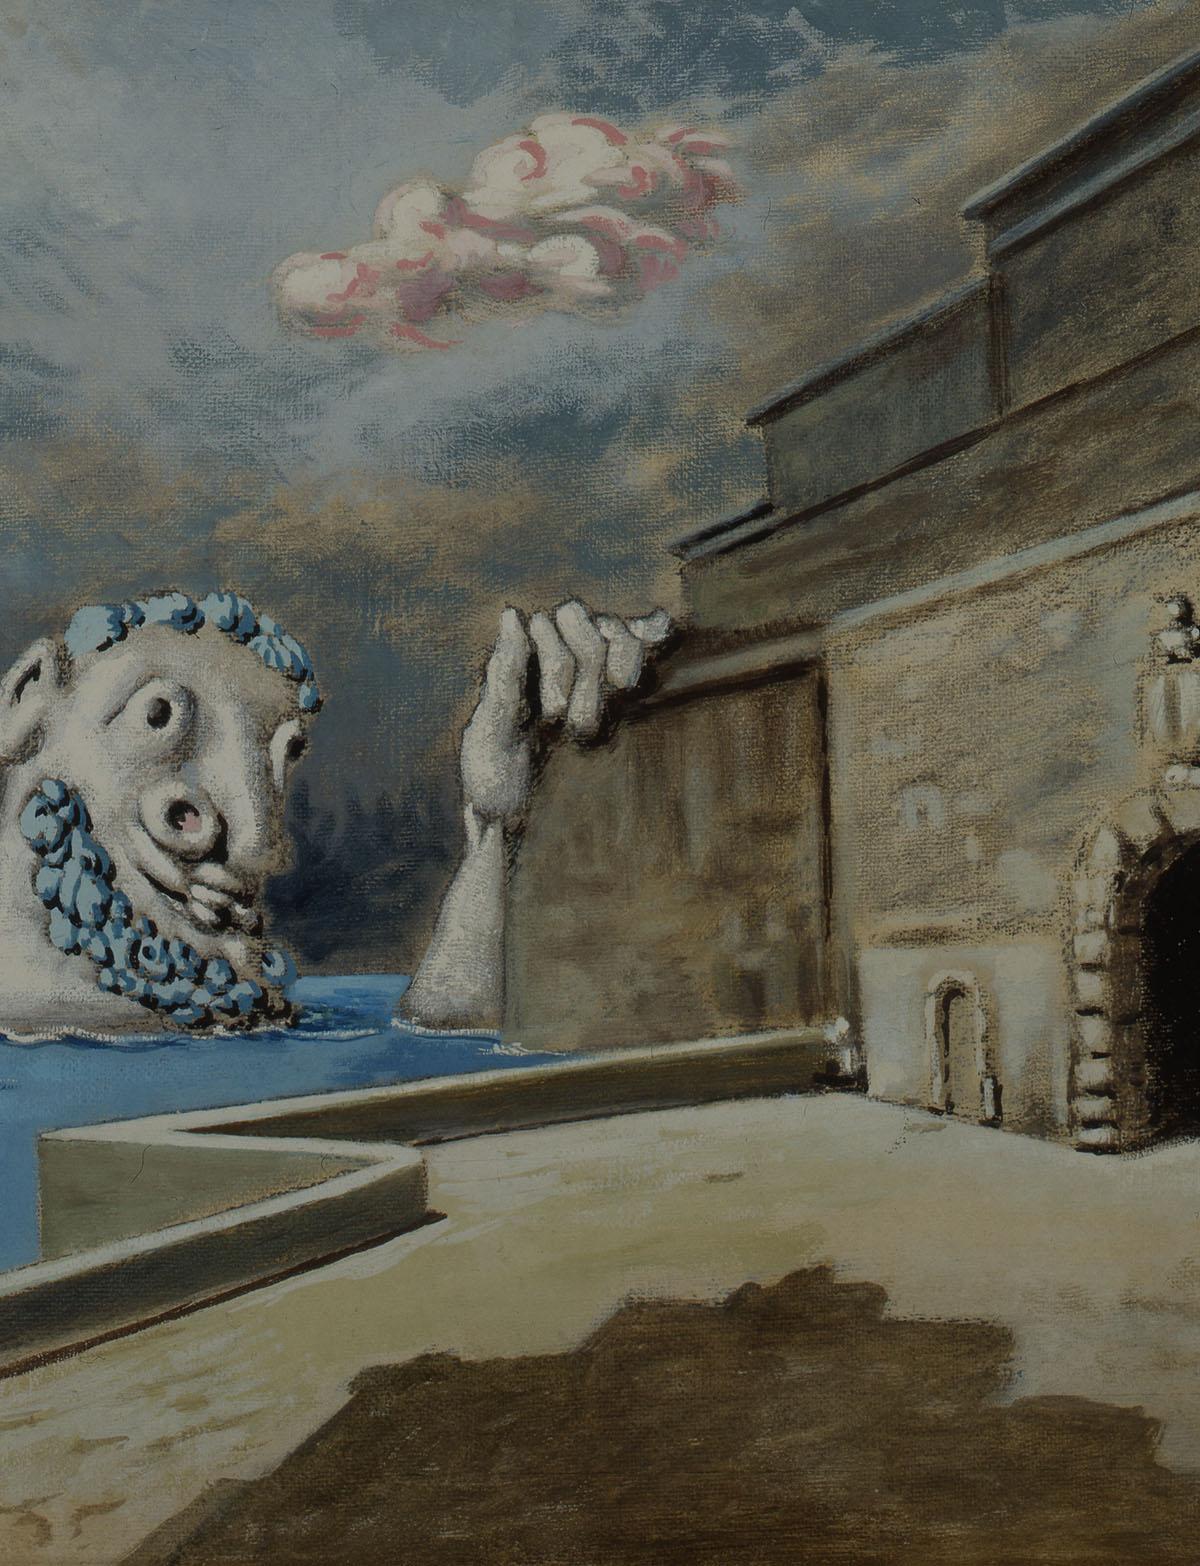 Il protettore dei porti - Alberto Savinio (Andrea de Chirico) - 1950tempera on canvas, cm. 57,5x70 Collezione Astaldi